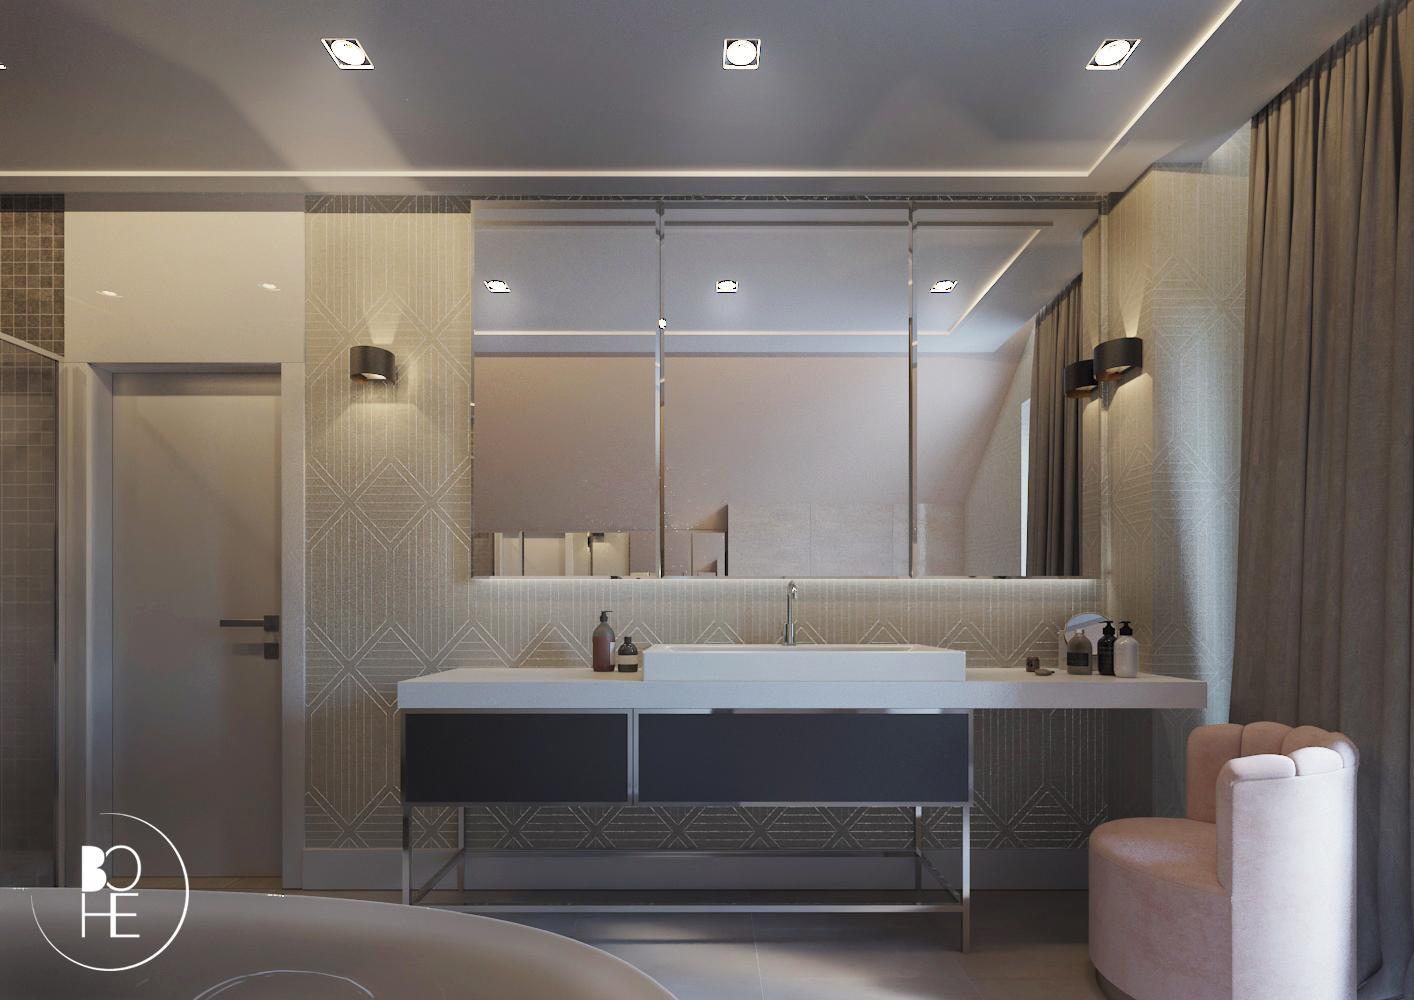 Wizualizacja projektu wnętrza łazienki w Białymstoku z przestrzenią na wannę, prysznic, toaletkę z użyciem luster